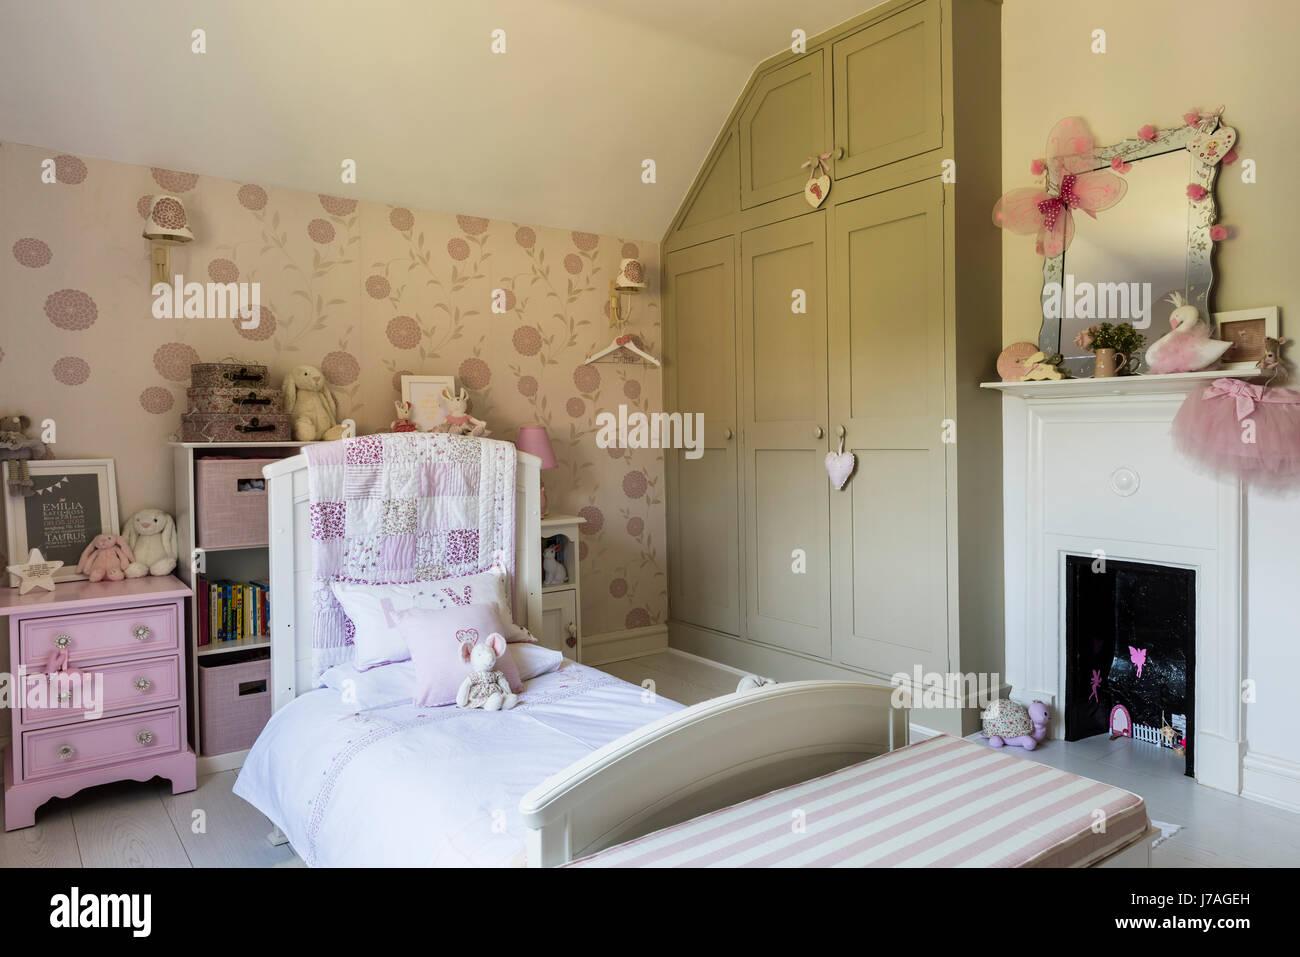 Deko Ideen Schlafzimmer Turkis Die Besten 25 43 Badezimmer Deko